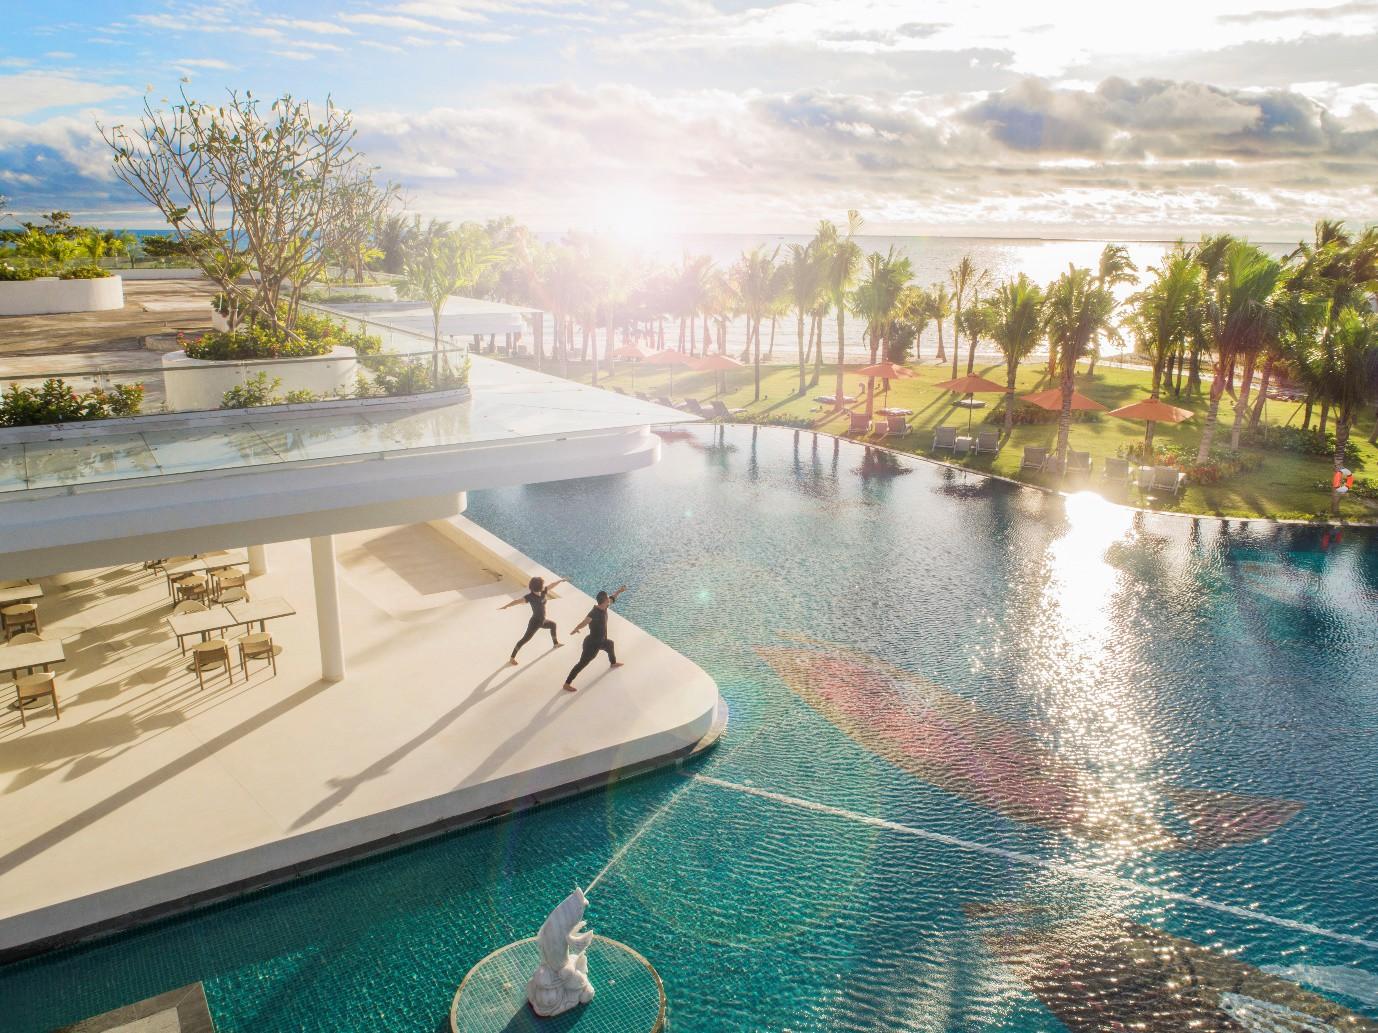 Ưu đãi cực hấp dẫn cho kỳ nghỉ đẳng cấp 5* tại Premier Residences Phu Quoc Emerald Bay - Ảnh 4.